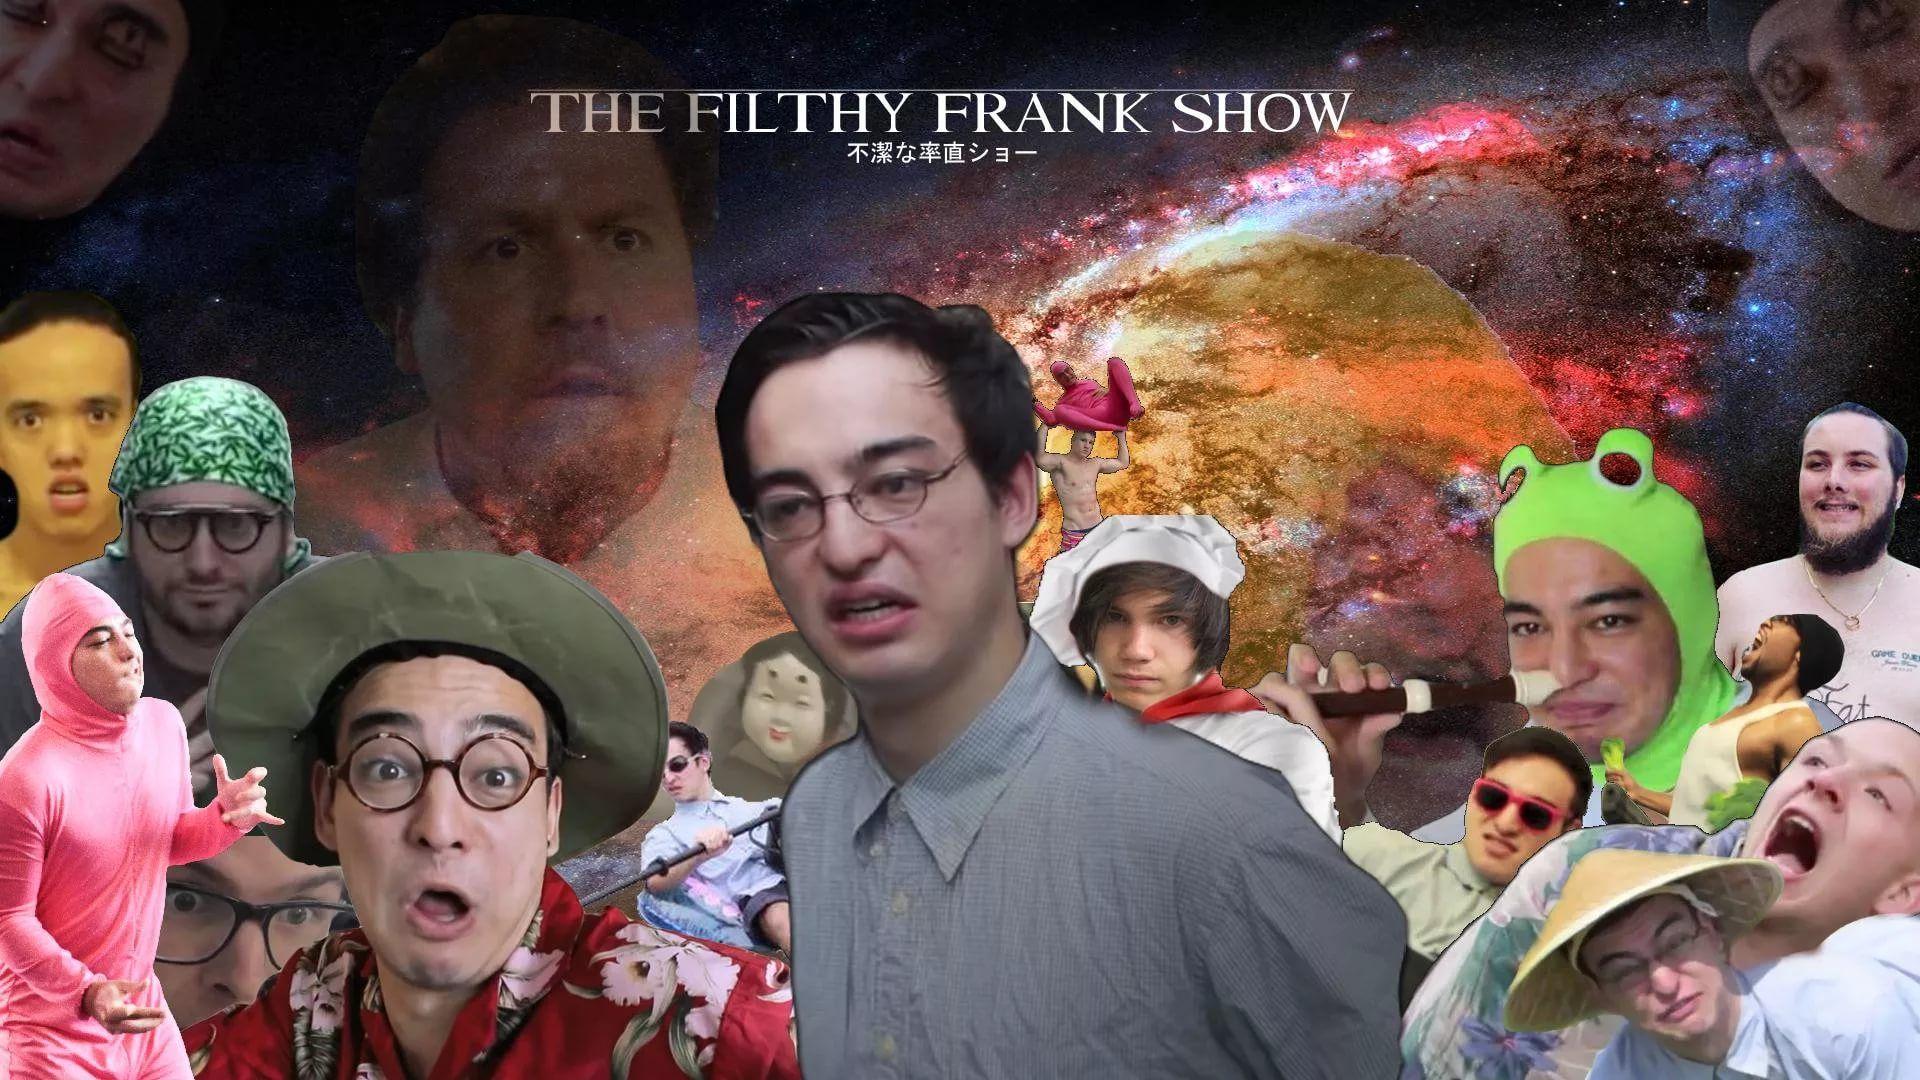 Filthy Frank wallpaper theme